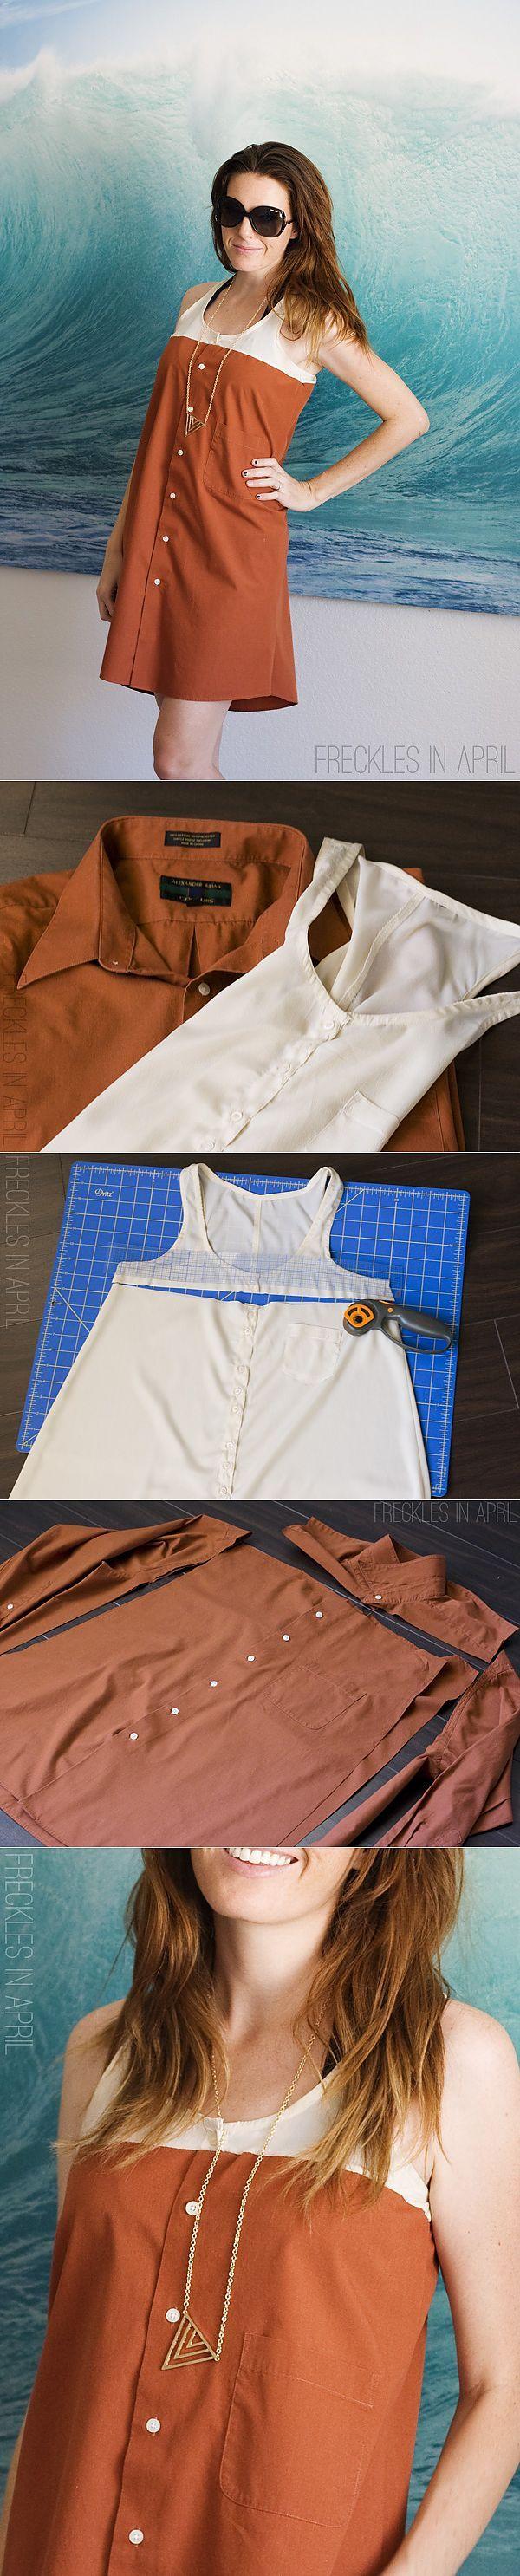 Crea tu propio vestido con una blusa y una camisa larga de botones.